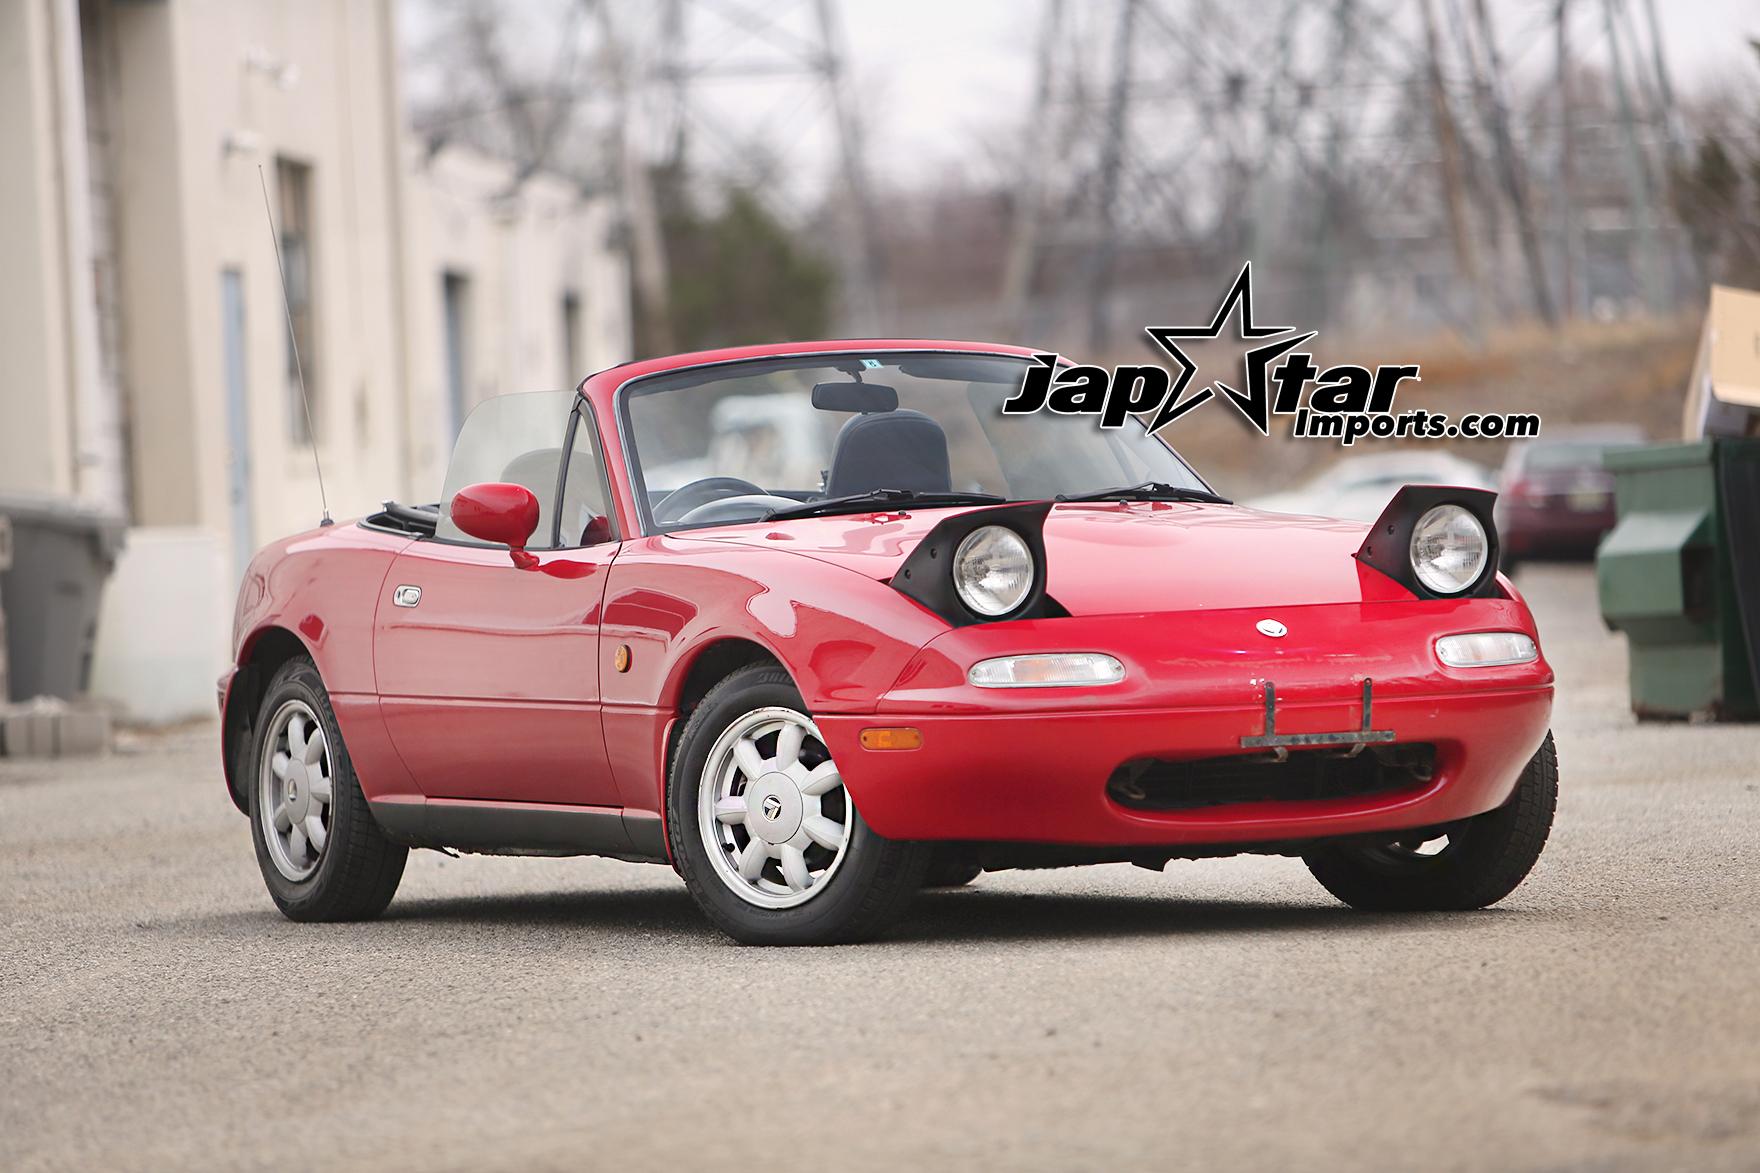 1991 Mazda Roadster - SOLD